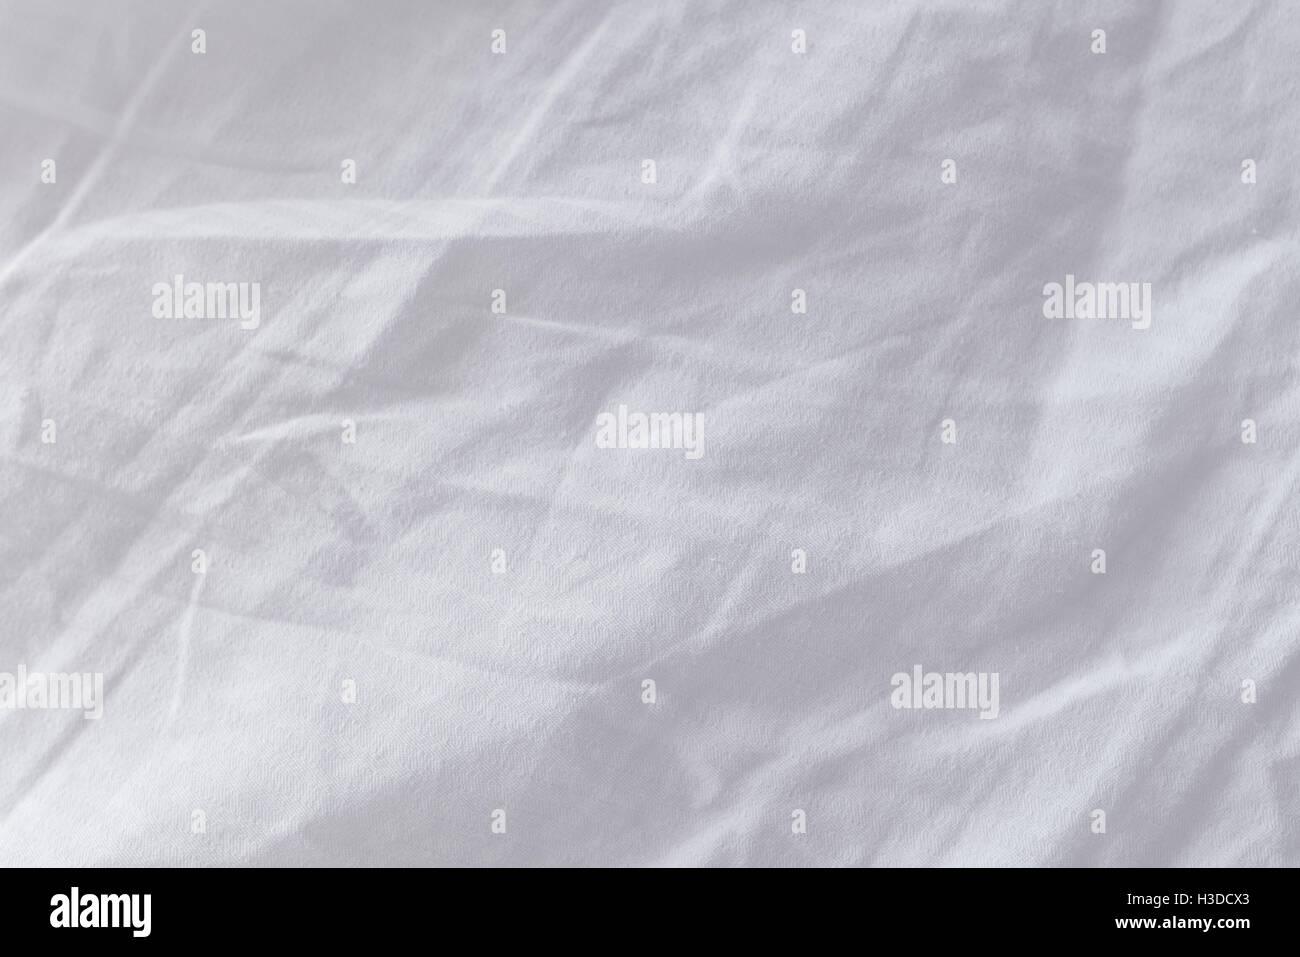 Crumpled lenzuola texture come sfondo, vista dall'alto Immagini Stock